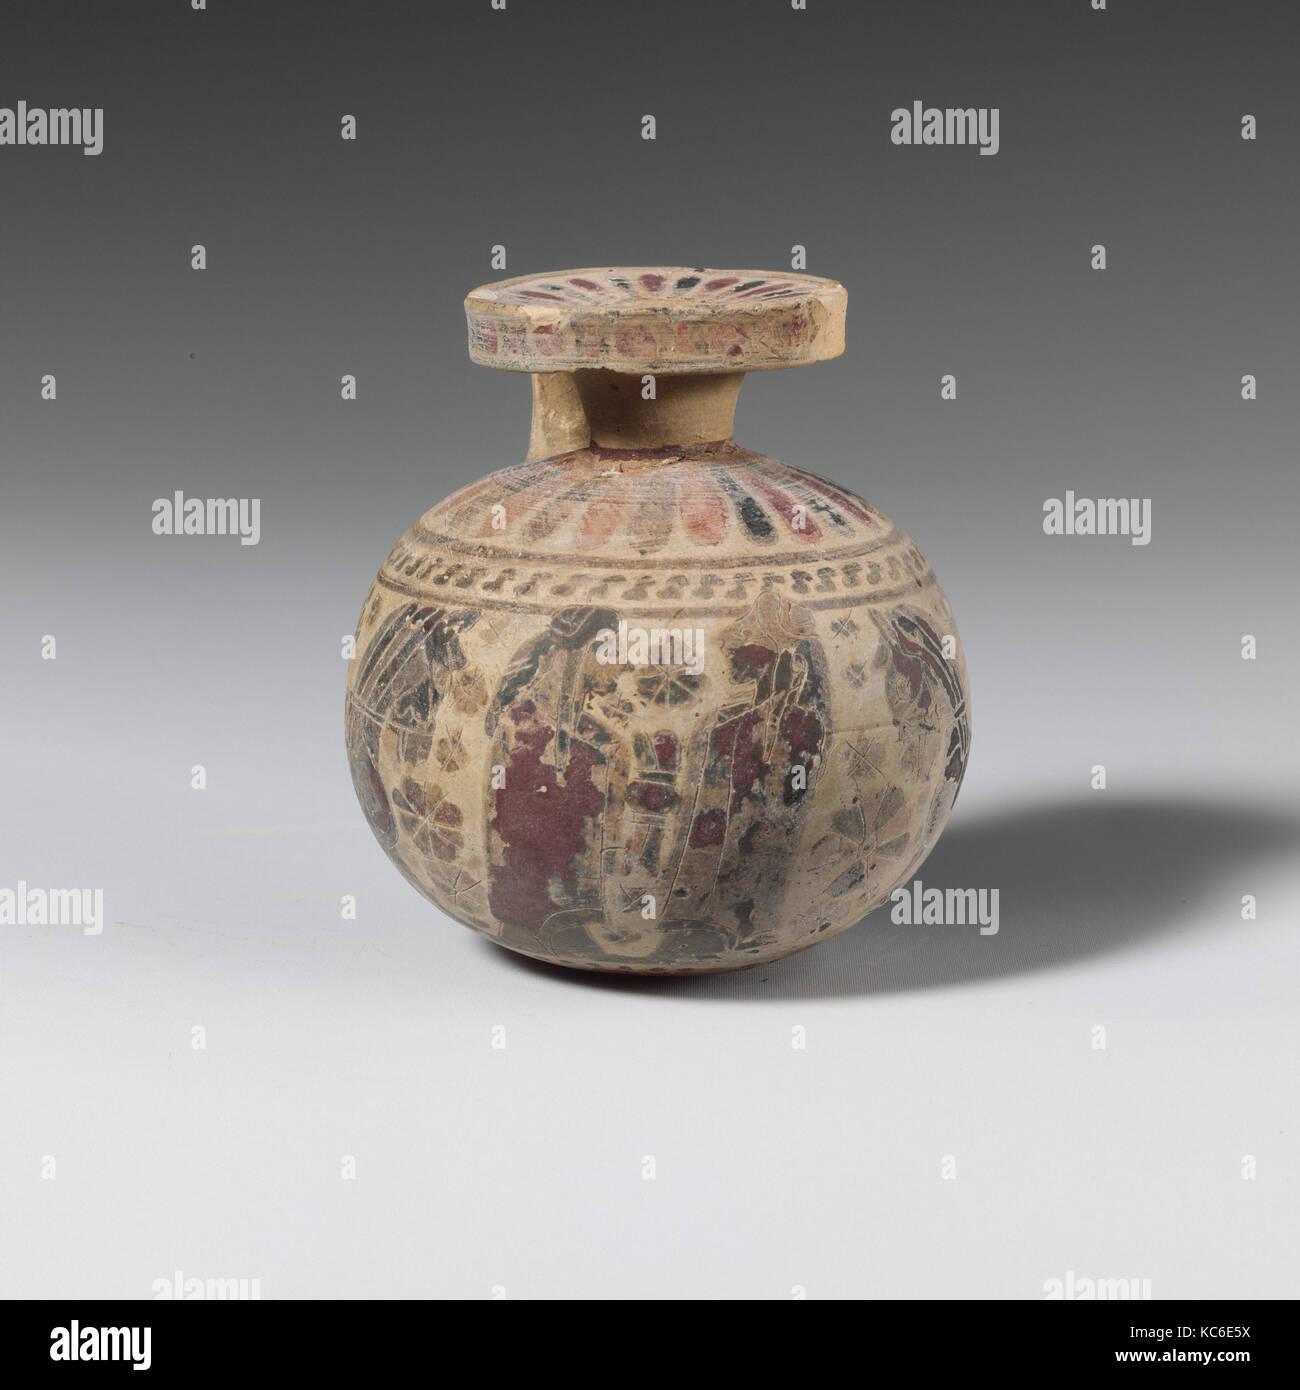 Griega Y Romana Griego Antiguo Corintio Cerámica Aryballos Arte Y Antigüedades Aphrodite